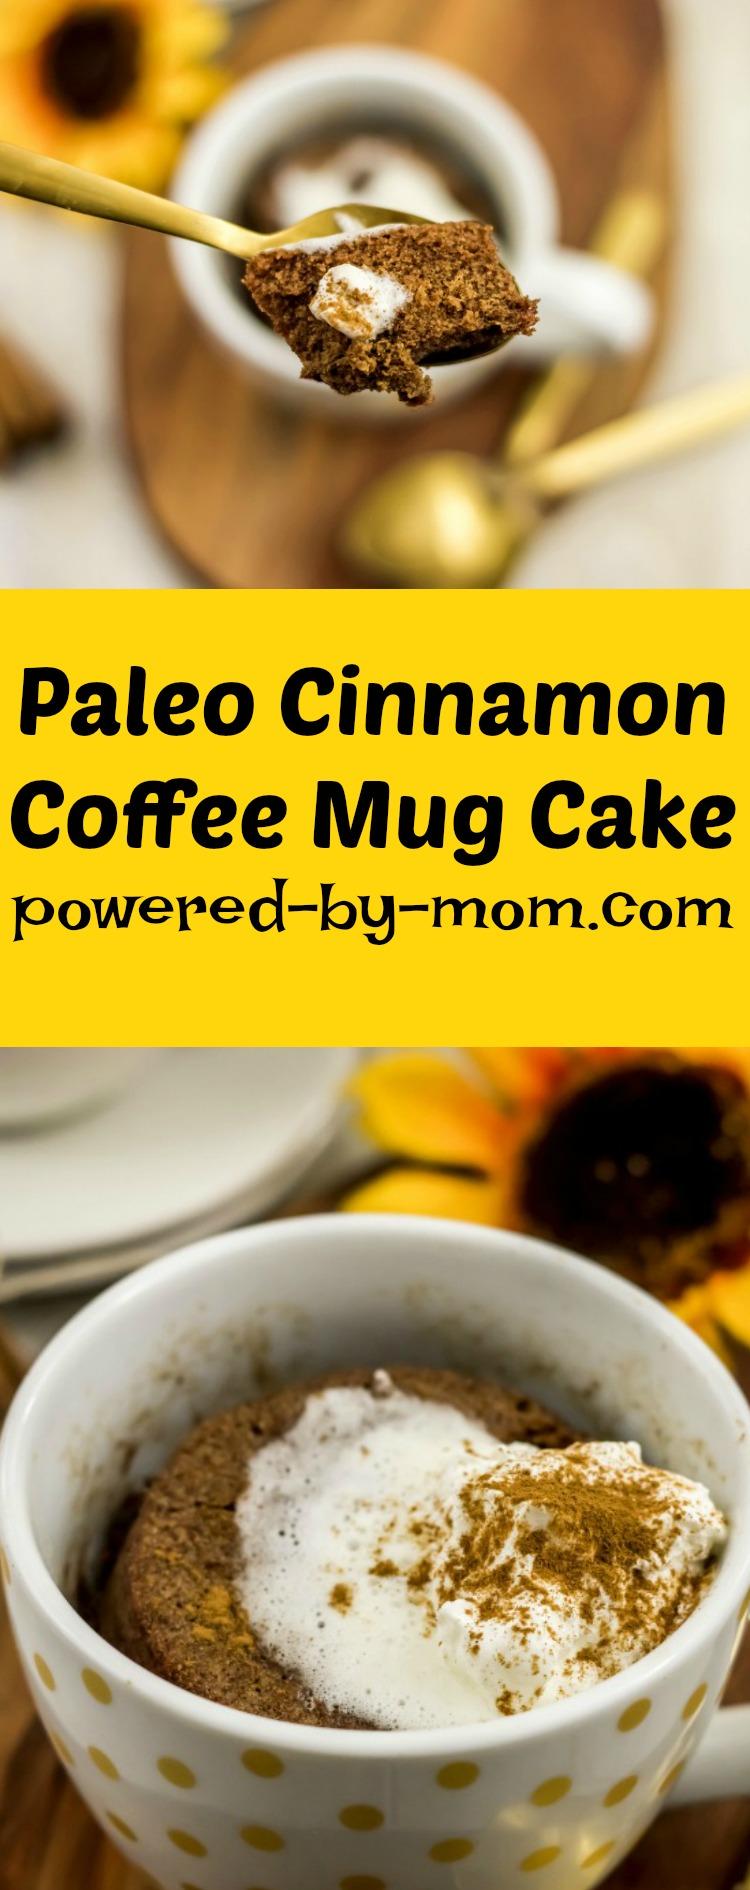 Paleo Cinnamon Coffee Mug Cake